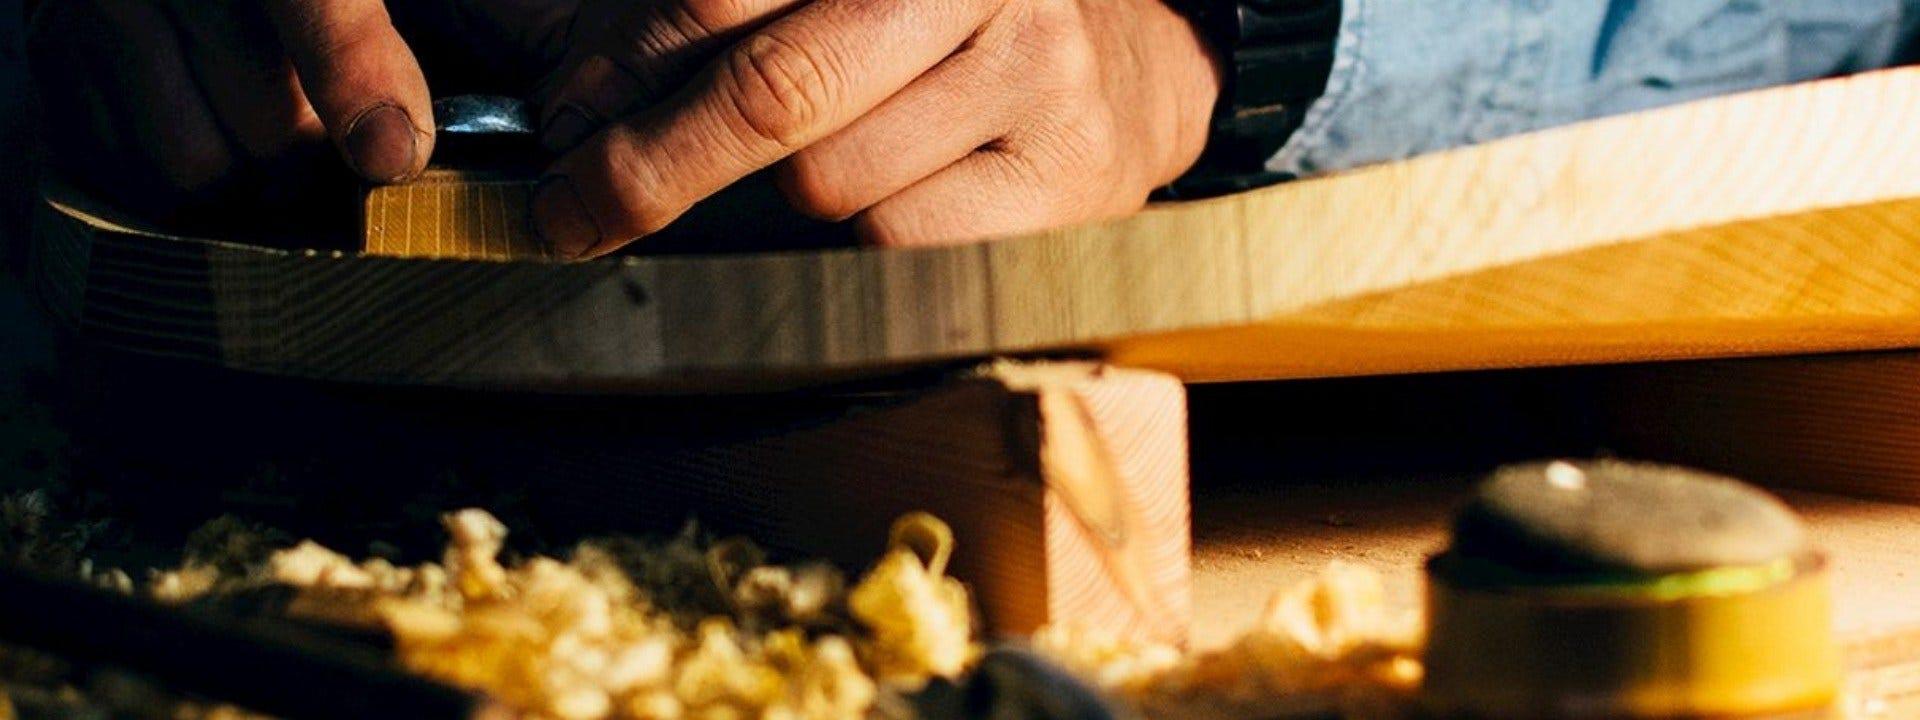 Handcrafting Zen Chairs in Japan